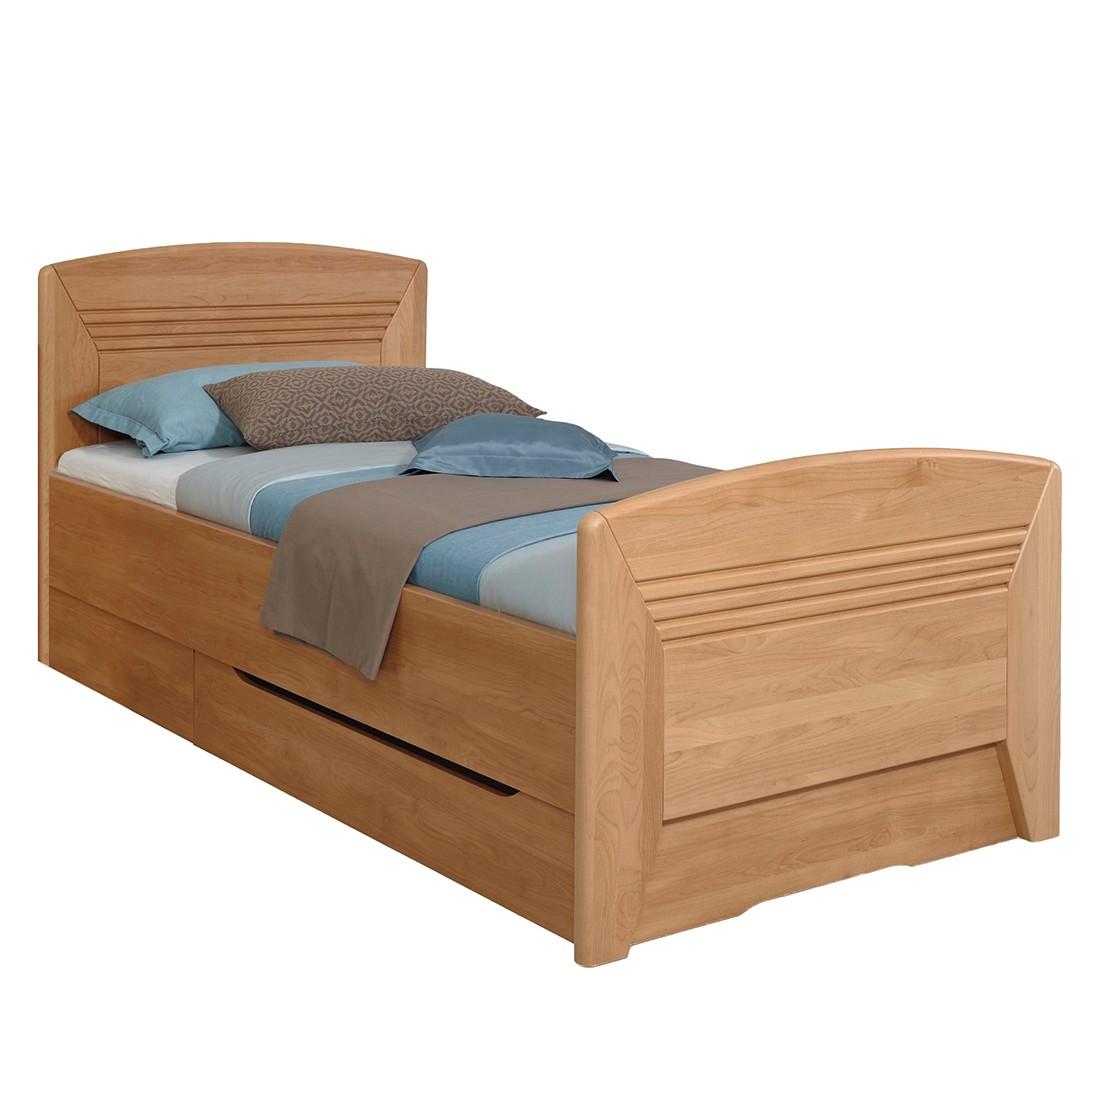 goedkoop Deels massief bed Valerie I elzenhout 90 x 190cm 1 bedlade Rauch Steffen